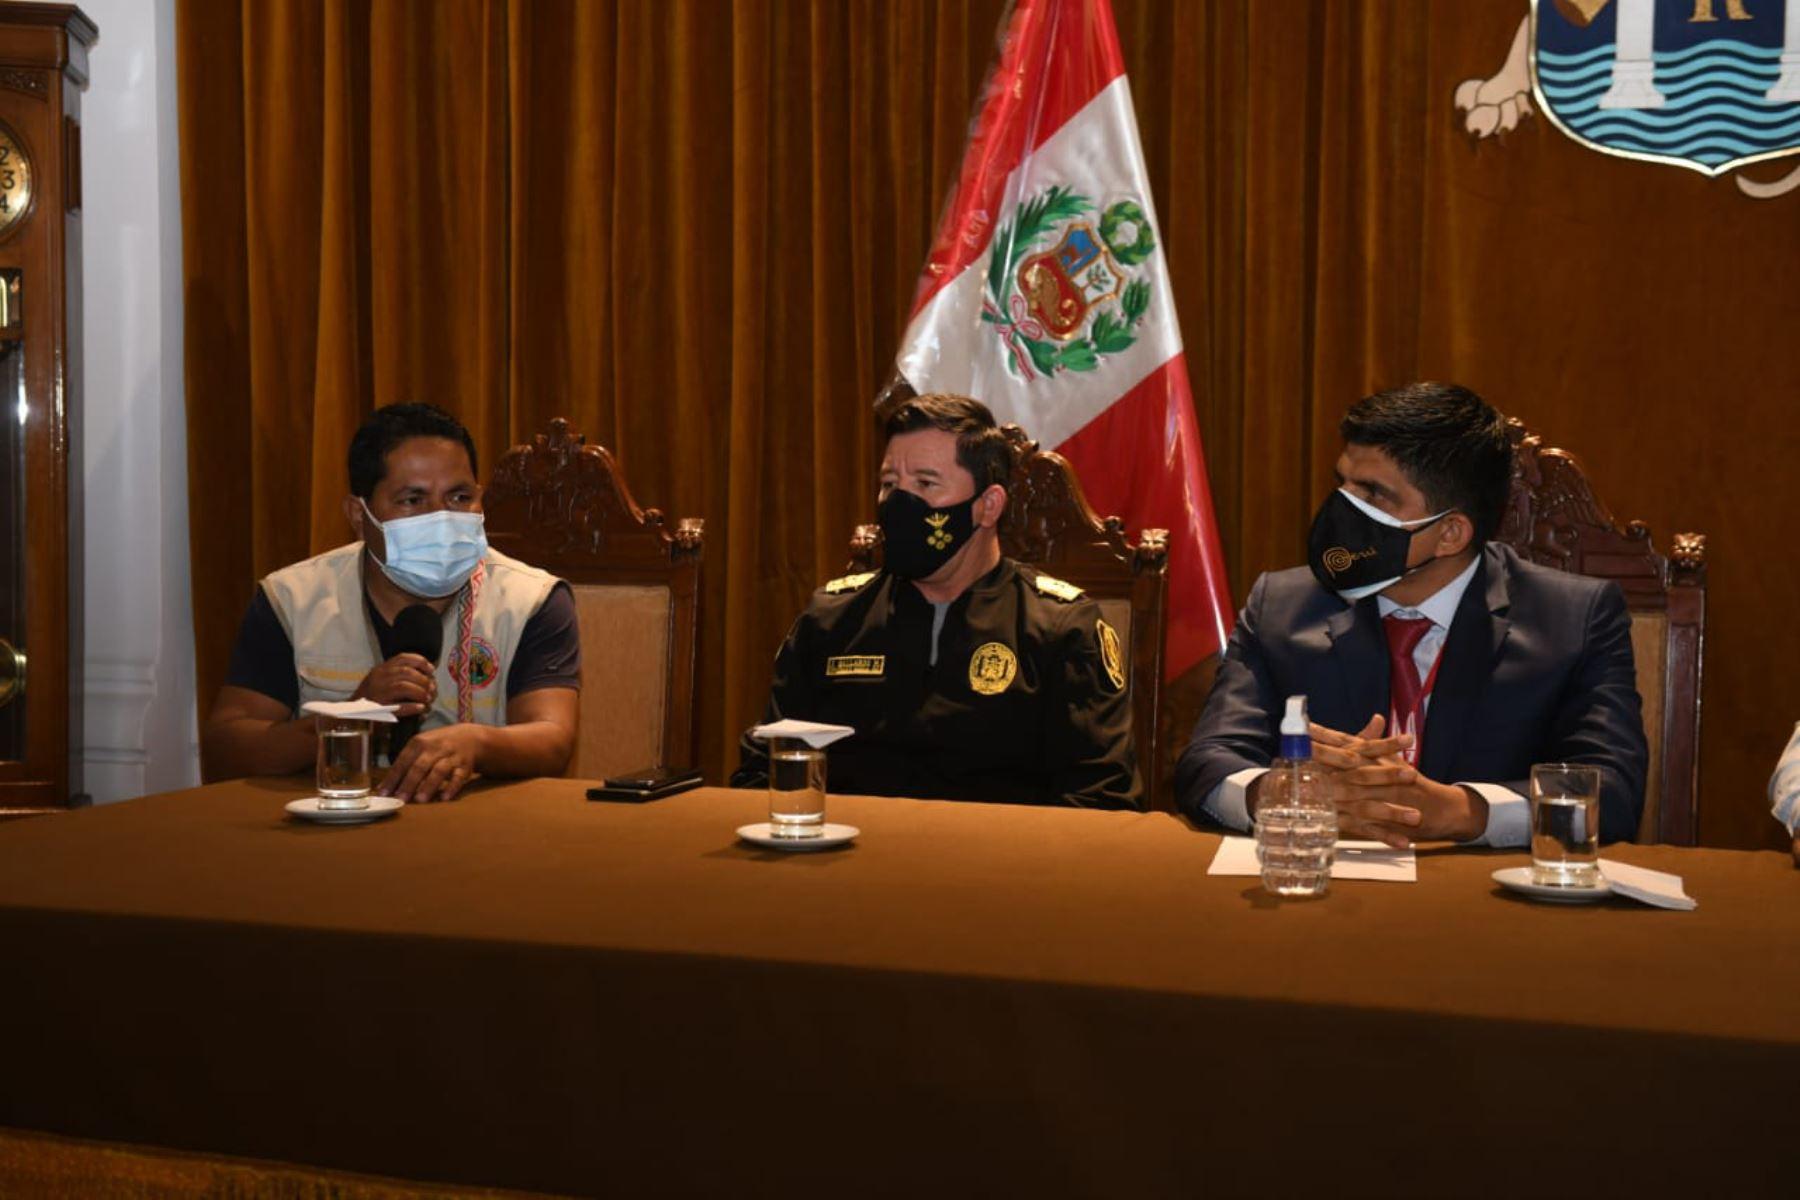 Ministro del Interior, Juan Carrasco, se reúne con representantes de las rondas campesinas de la región La Libertad, a fin de escuchar sus inquietudes y propuestas para mejorar su labor en bien de la seguridad ciudadana en su ámbito territorial. Foto: Mininter